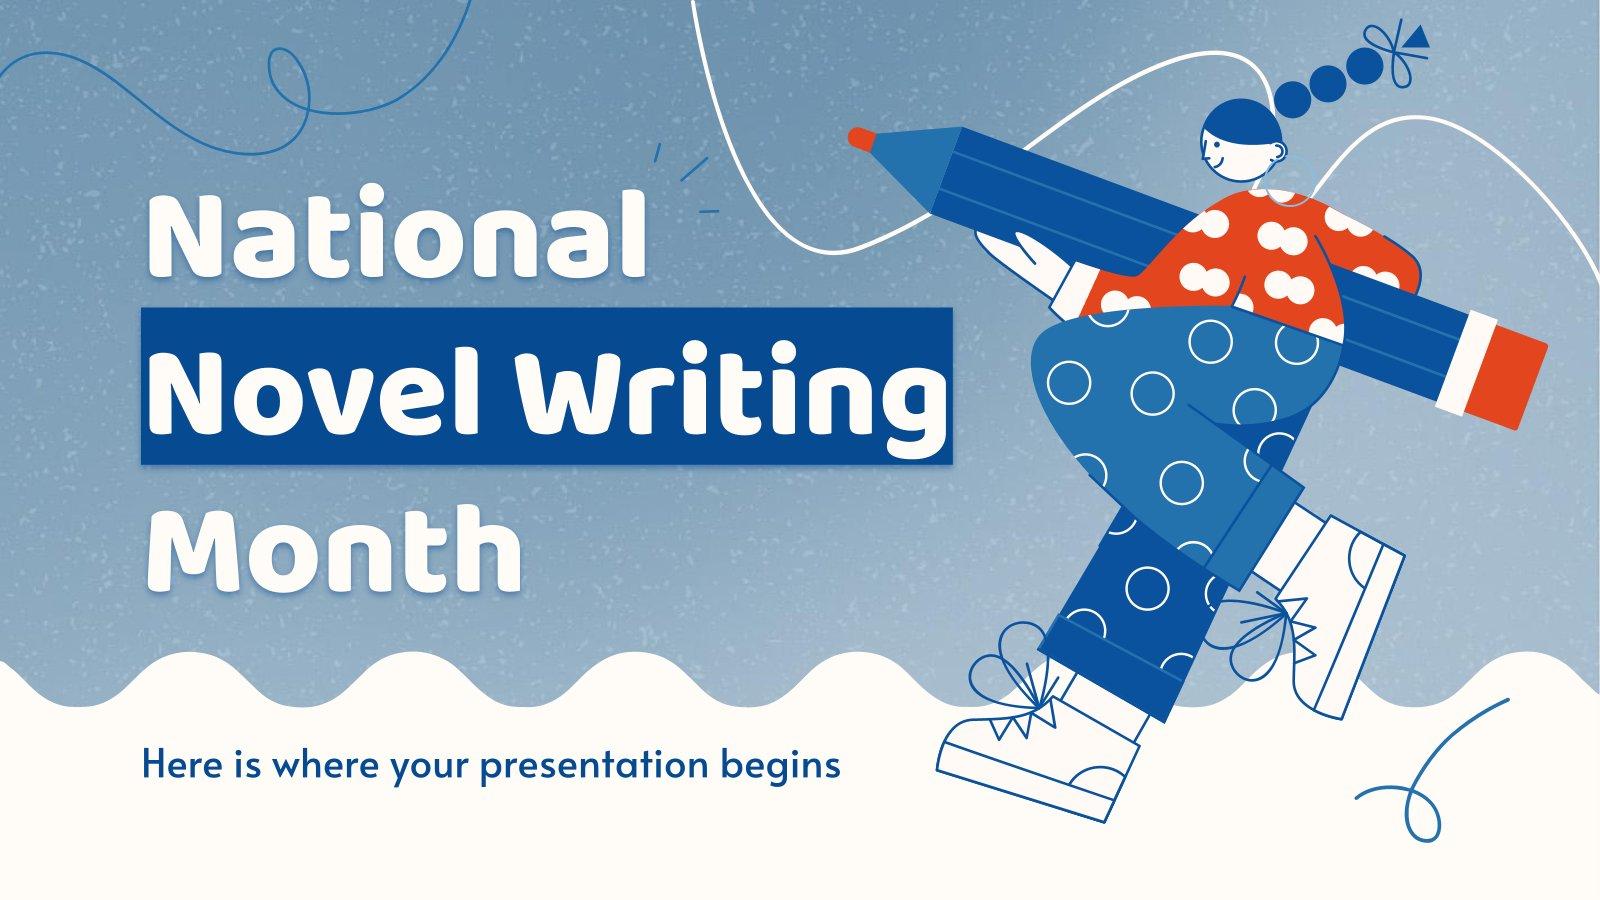 Nationaler Monat des Romanschreibens Präsentationsvorlage